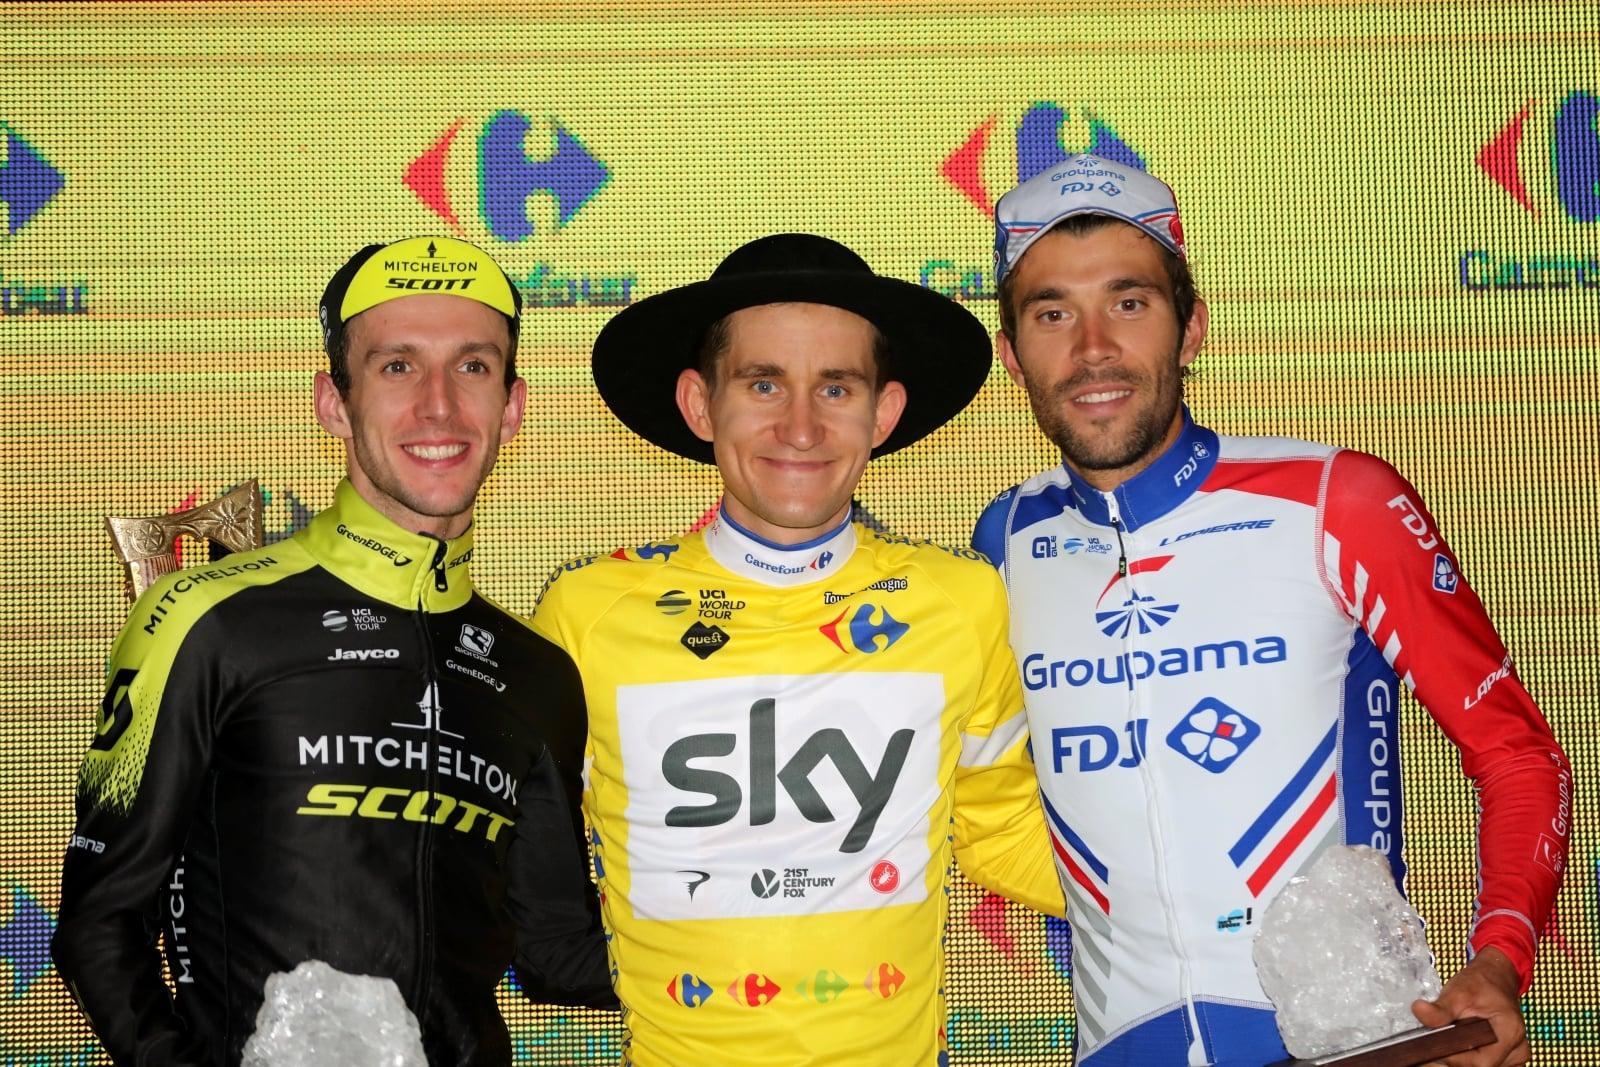 Bukowina Tatrzańska,  Najlepsi kolarze klasyfikacji generalnej 75. wyścigu Tour de Pologne - od lewej: Brytyjczyk Simon Yates Scott (drugie miejsce), Polak Michał Kwiatkowski (zwycięzca) i Francuz Thibaut Pinot (trzecie miejsce), PAP/Grzegorz Momot